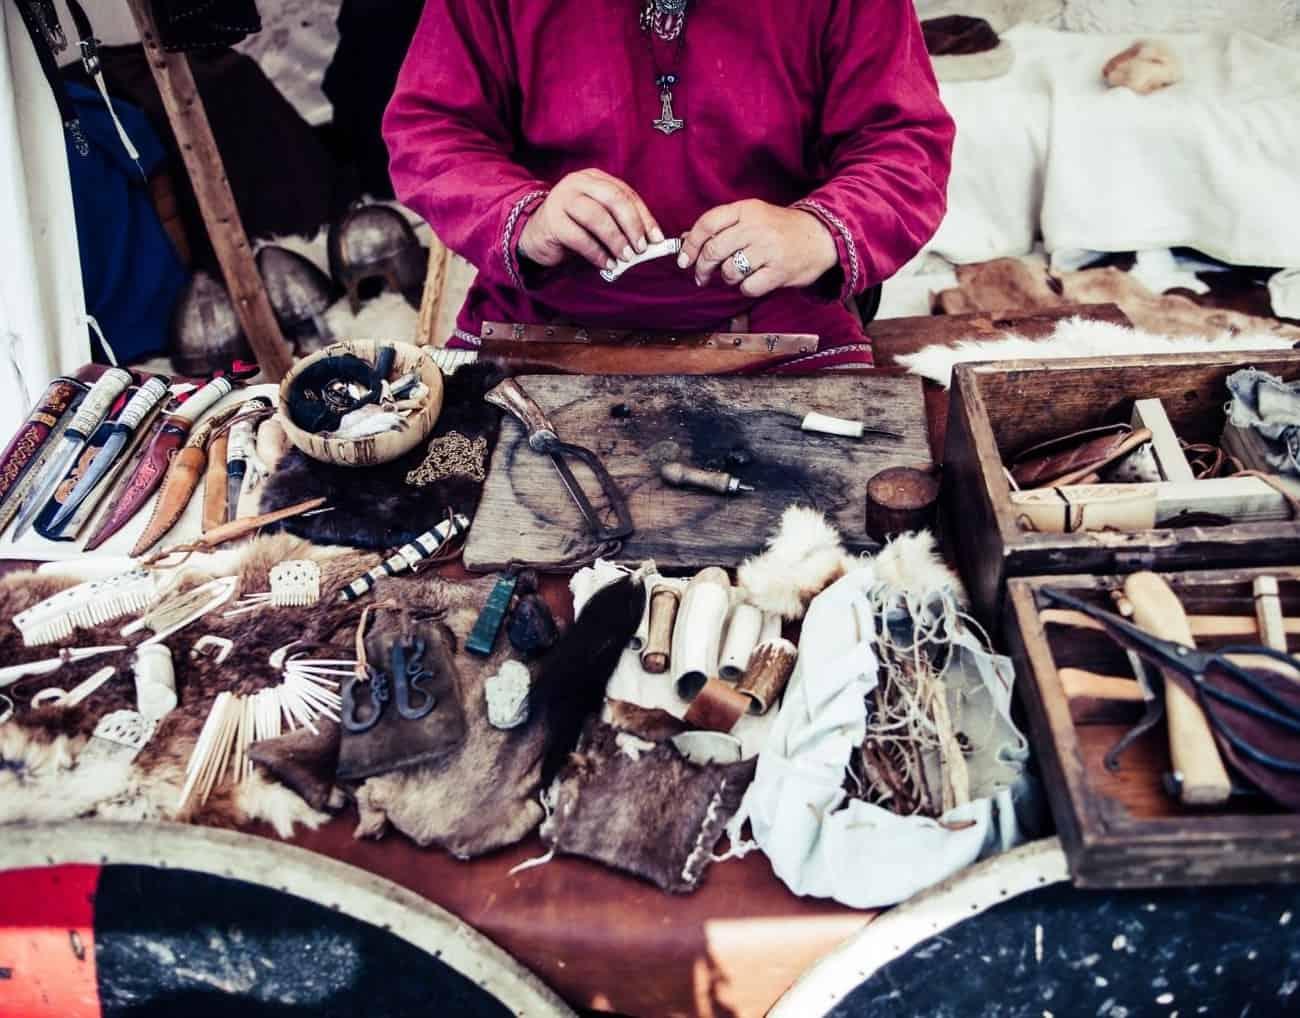 primo piano su un tavolo da lavoro con lavori artigianali e mani che lavorano sullo sfondo